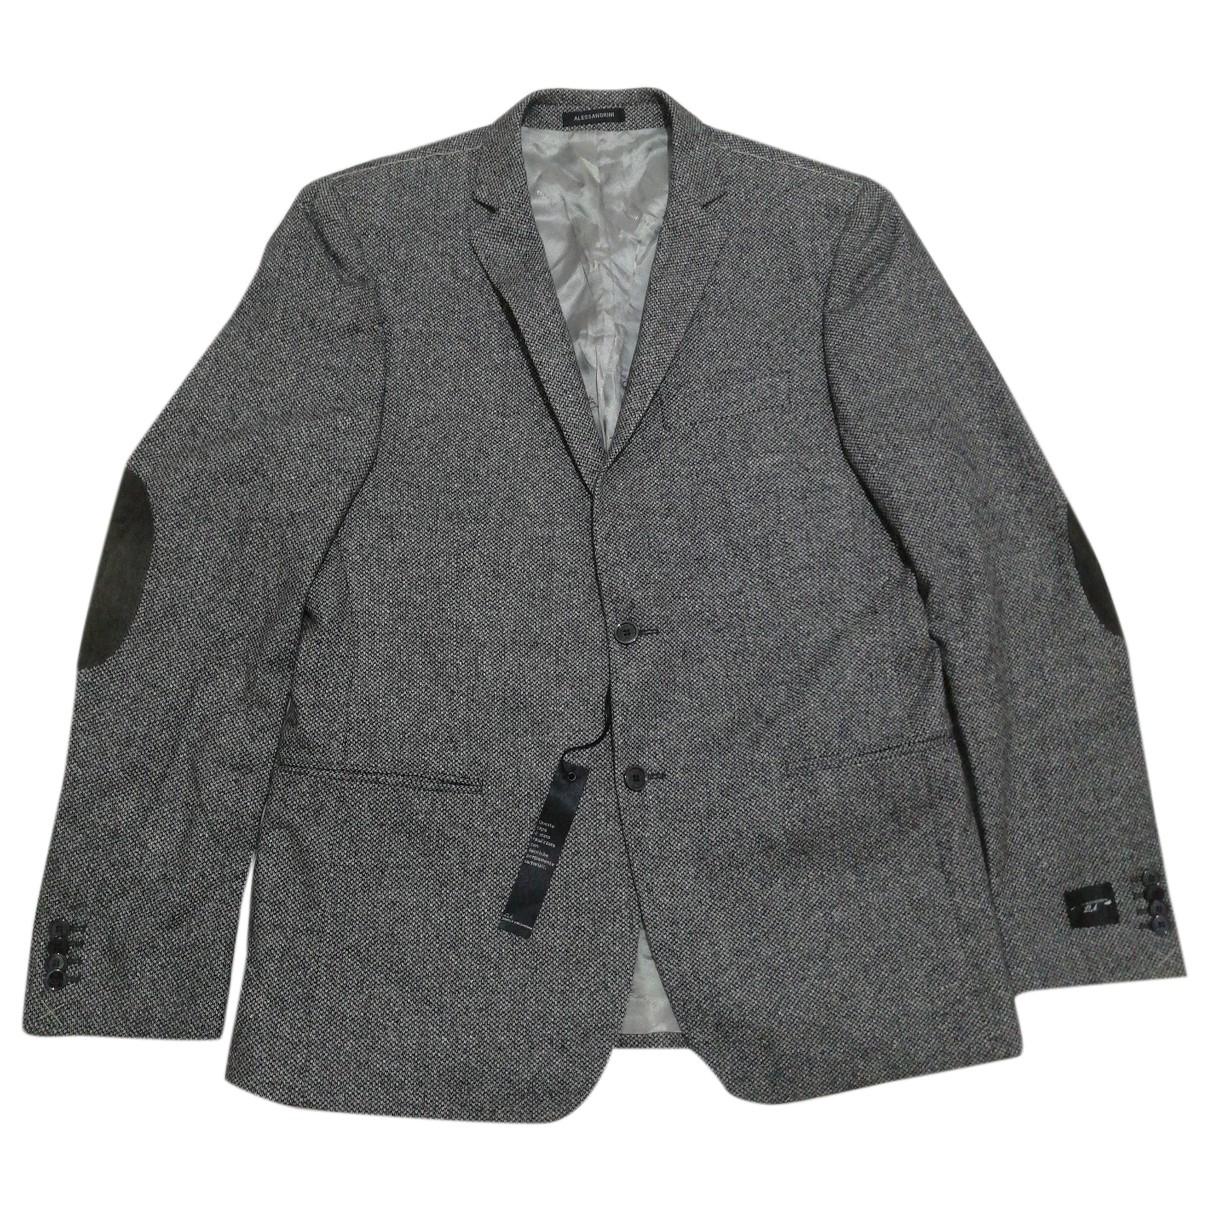 Alessandrini \N Anzuege in  Grau Wolle